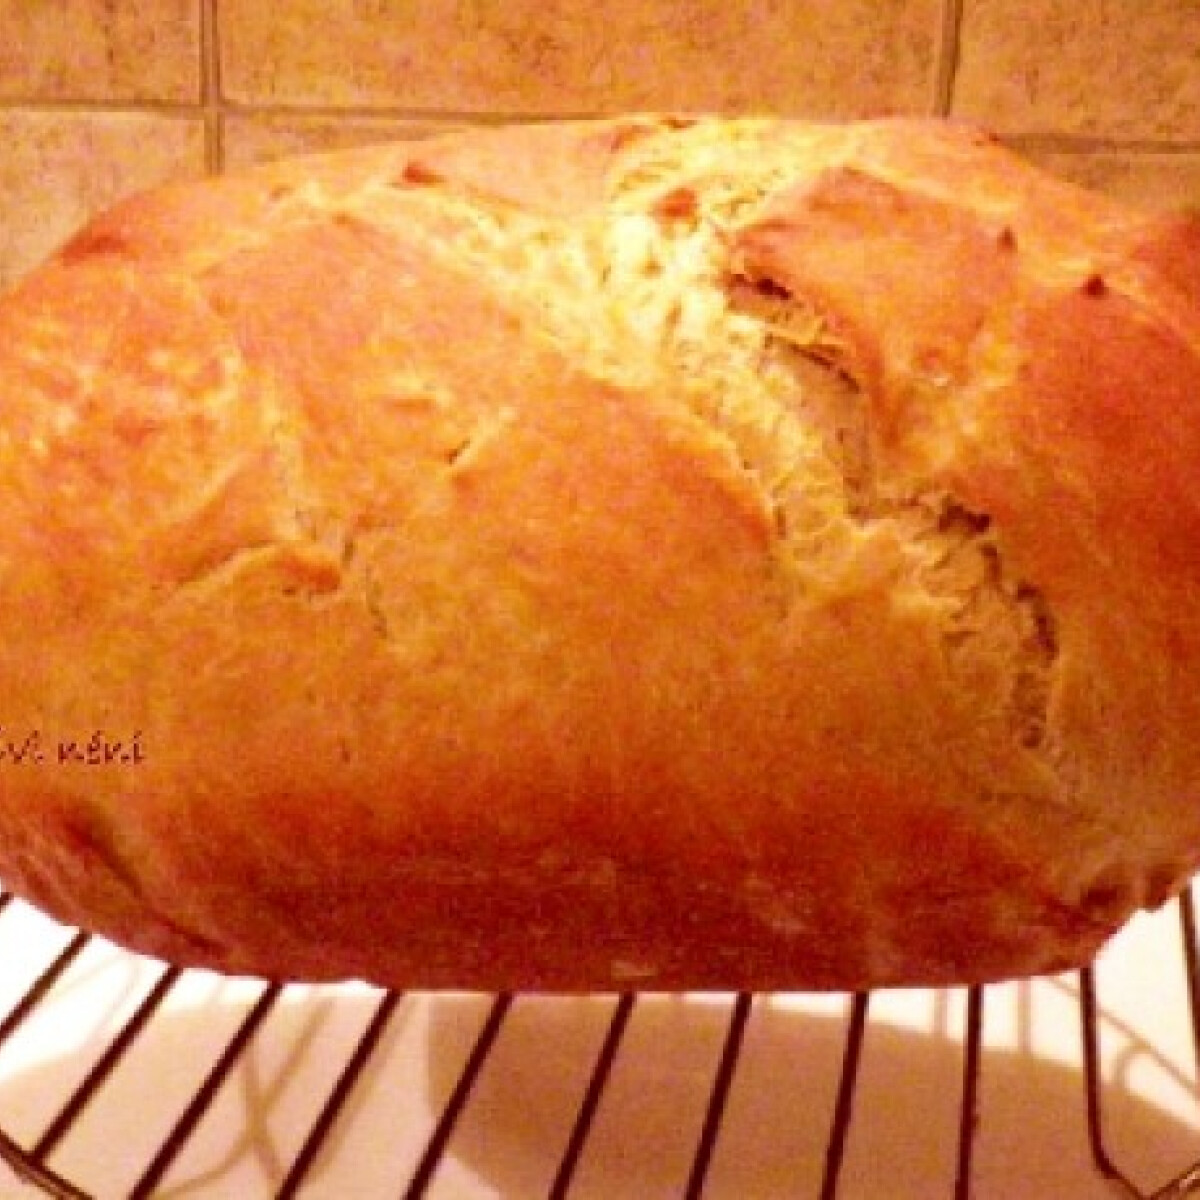 Ezen a képen: Jénaiban sült fehér kenyér